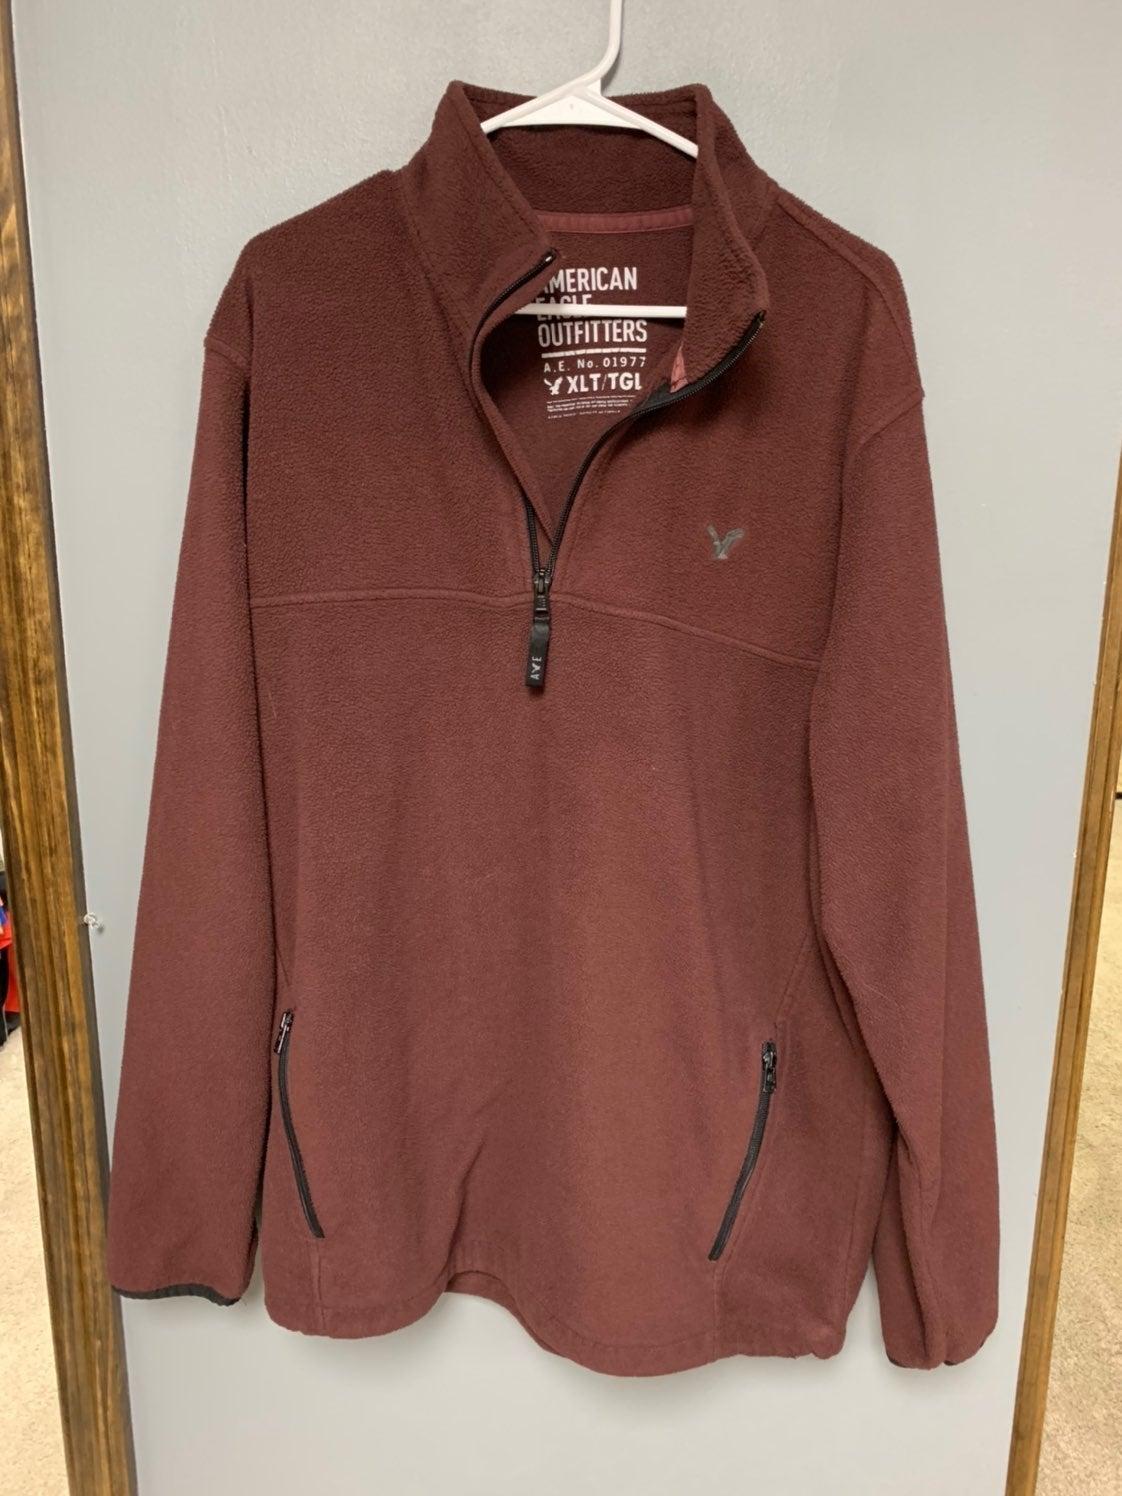 American Eagle XLT Half Zip Fleece